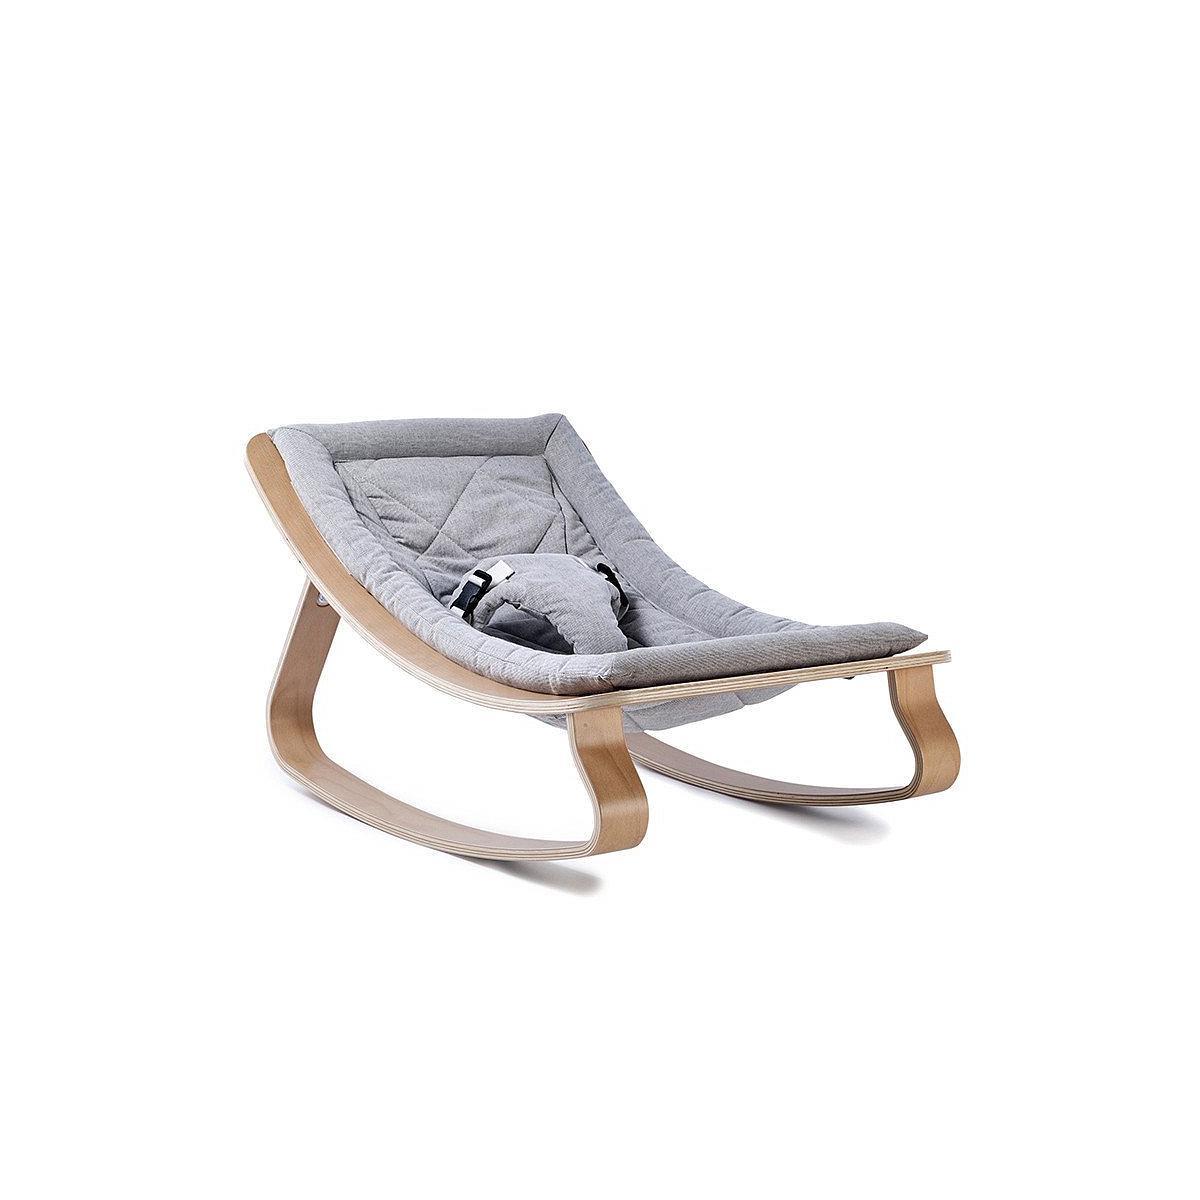 Transat bébé LEVO Charlie Crane beech-sweet grey